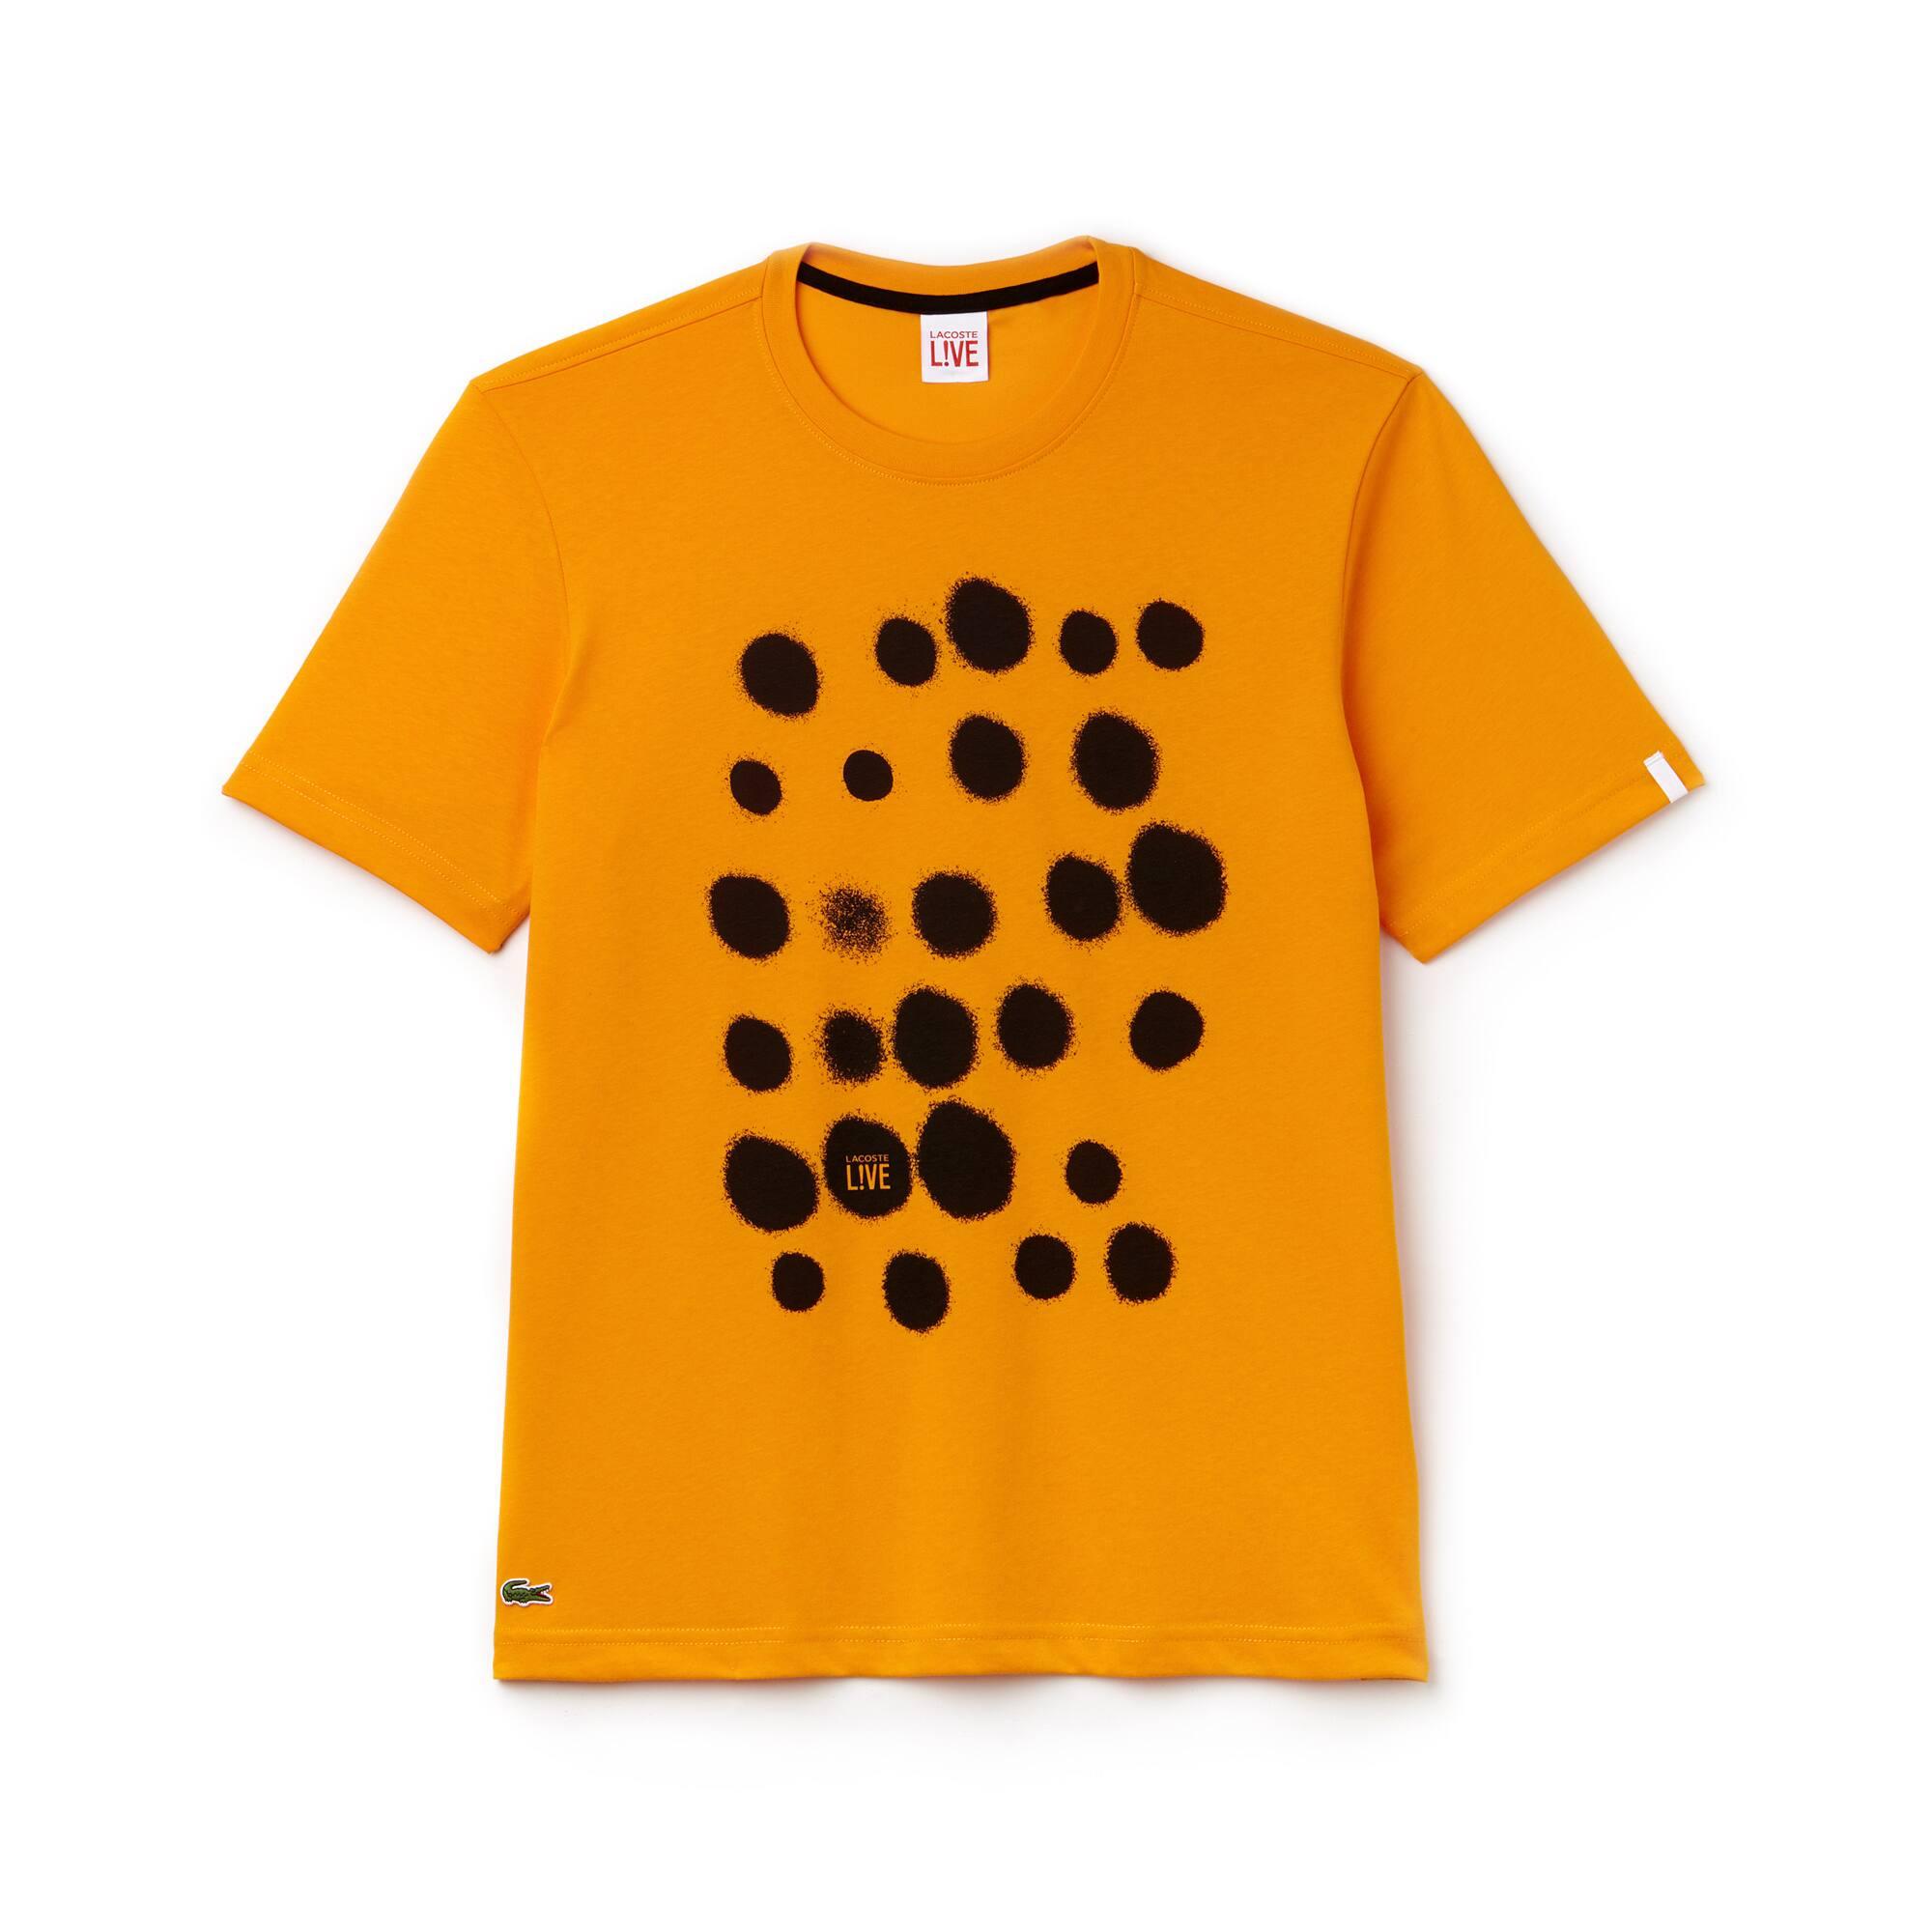 Herren LACOSTE LIVE Rundhals Jersey T-Shirt mit Sprayfarben-Print